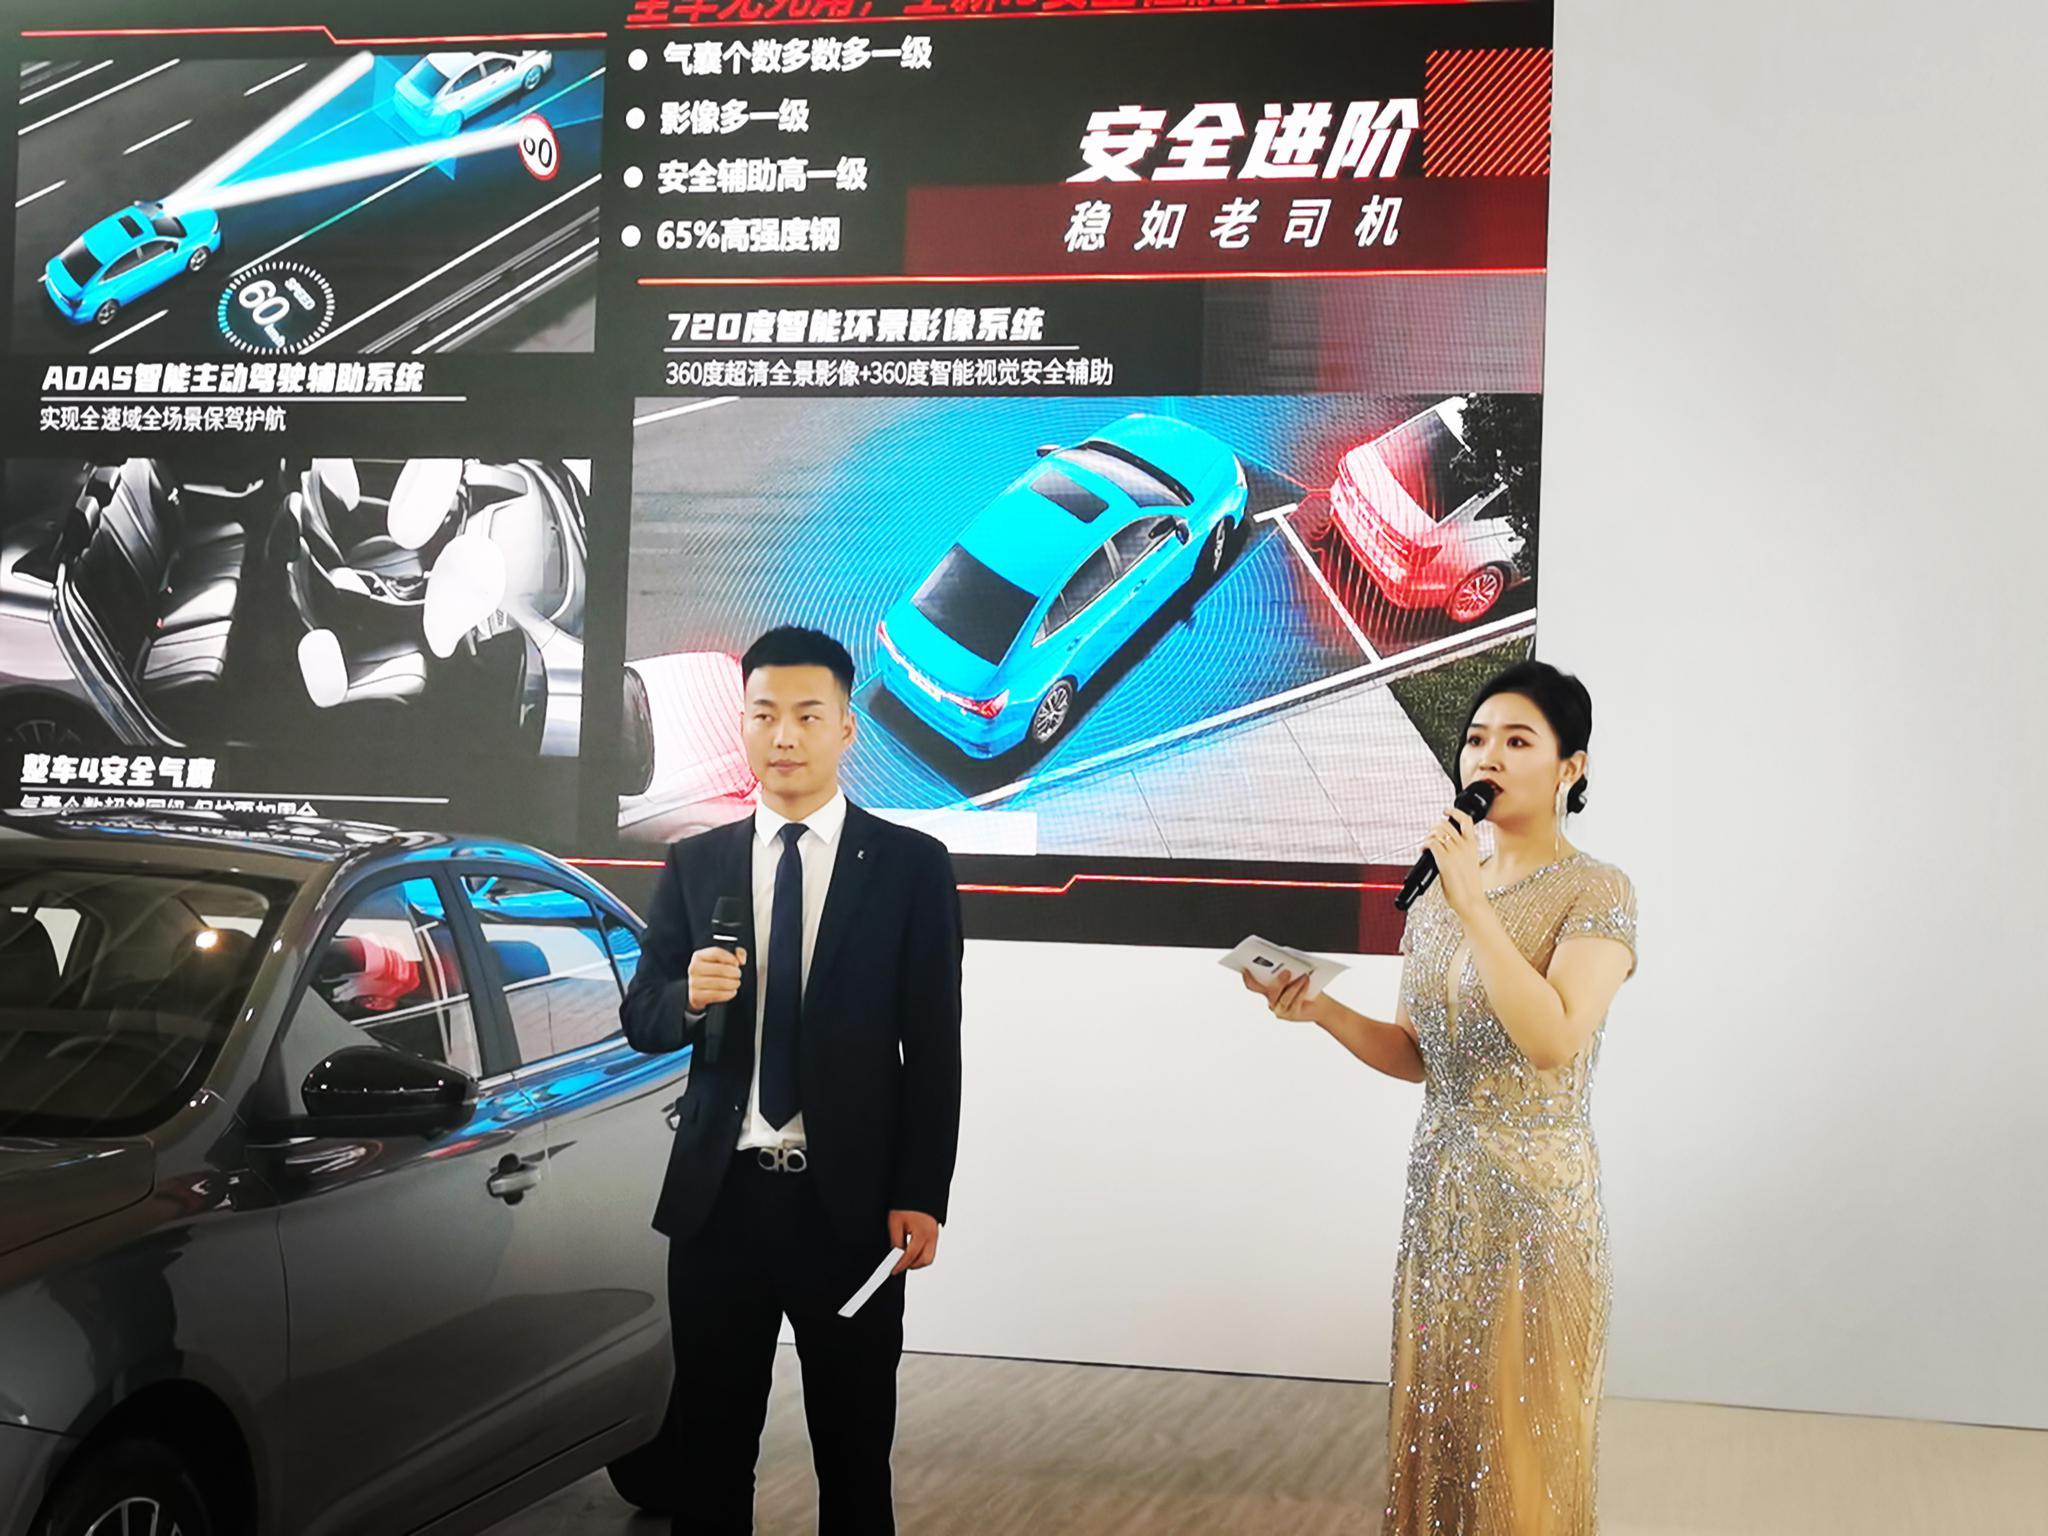 匠心智造,全景守护,全新荣威i5东北区正式上市、5.99万元起售!